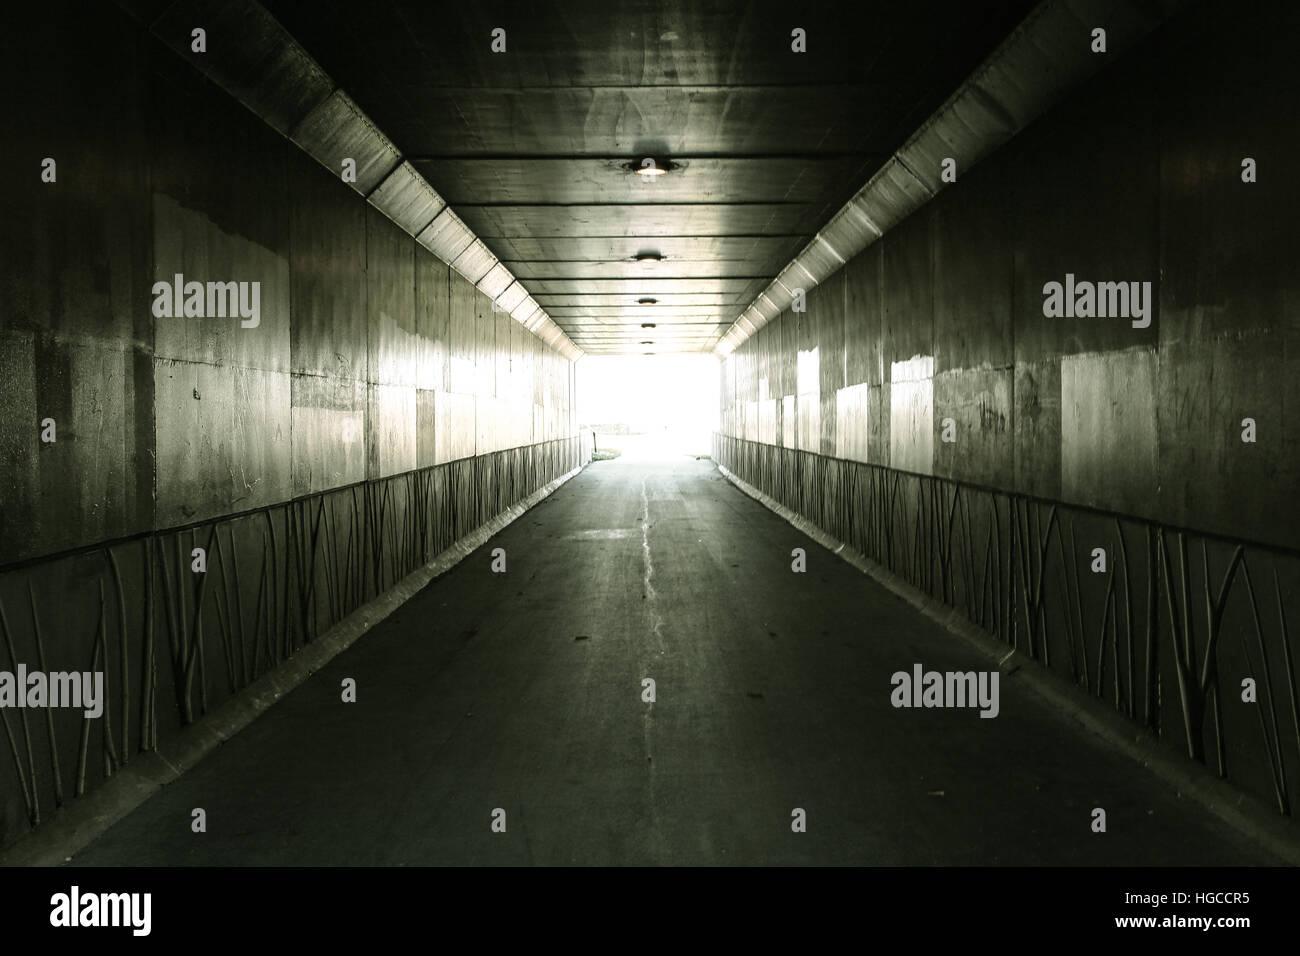 La luz al final del túnel el túnel peatonal iluminada por la luz brillante del sol a la salida Imagen De Stock